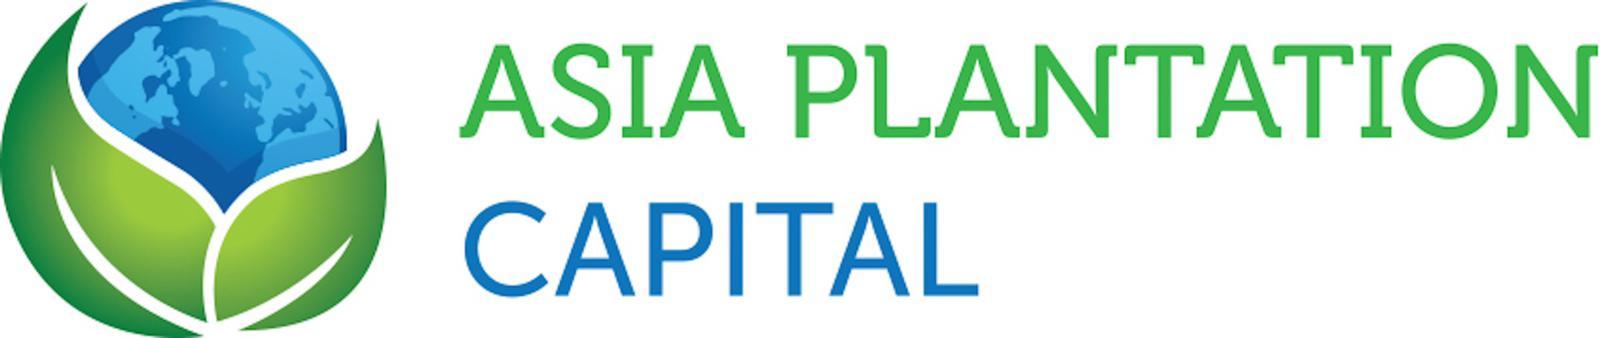 ASIA PLANTATION CAPITAL